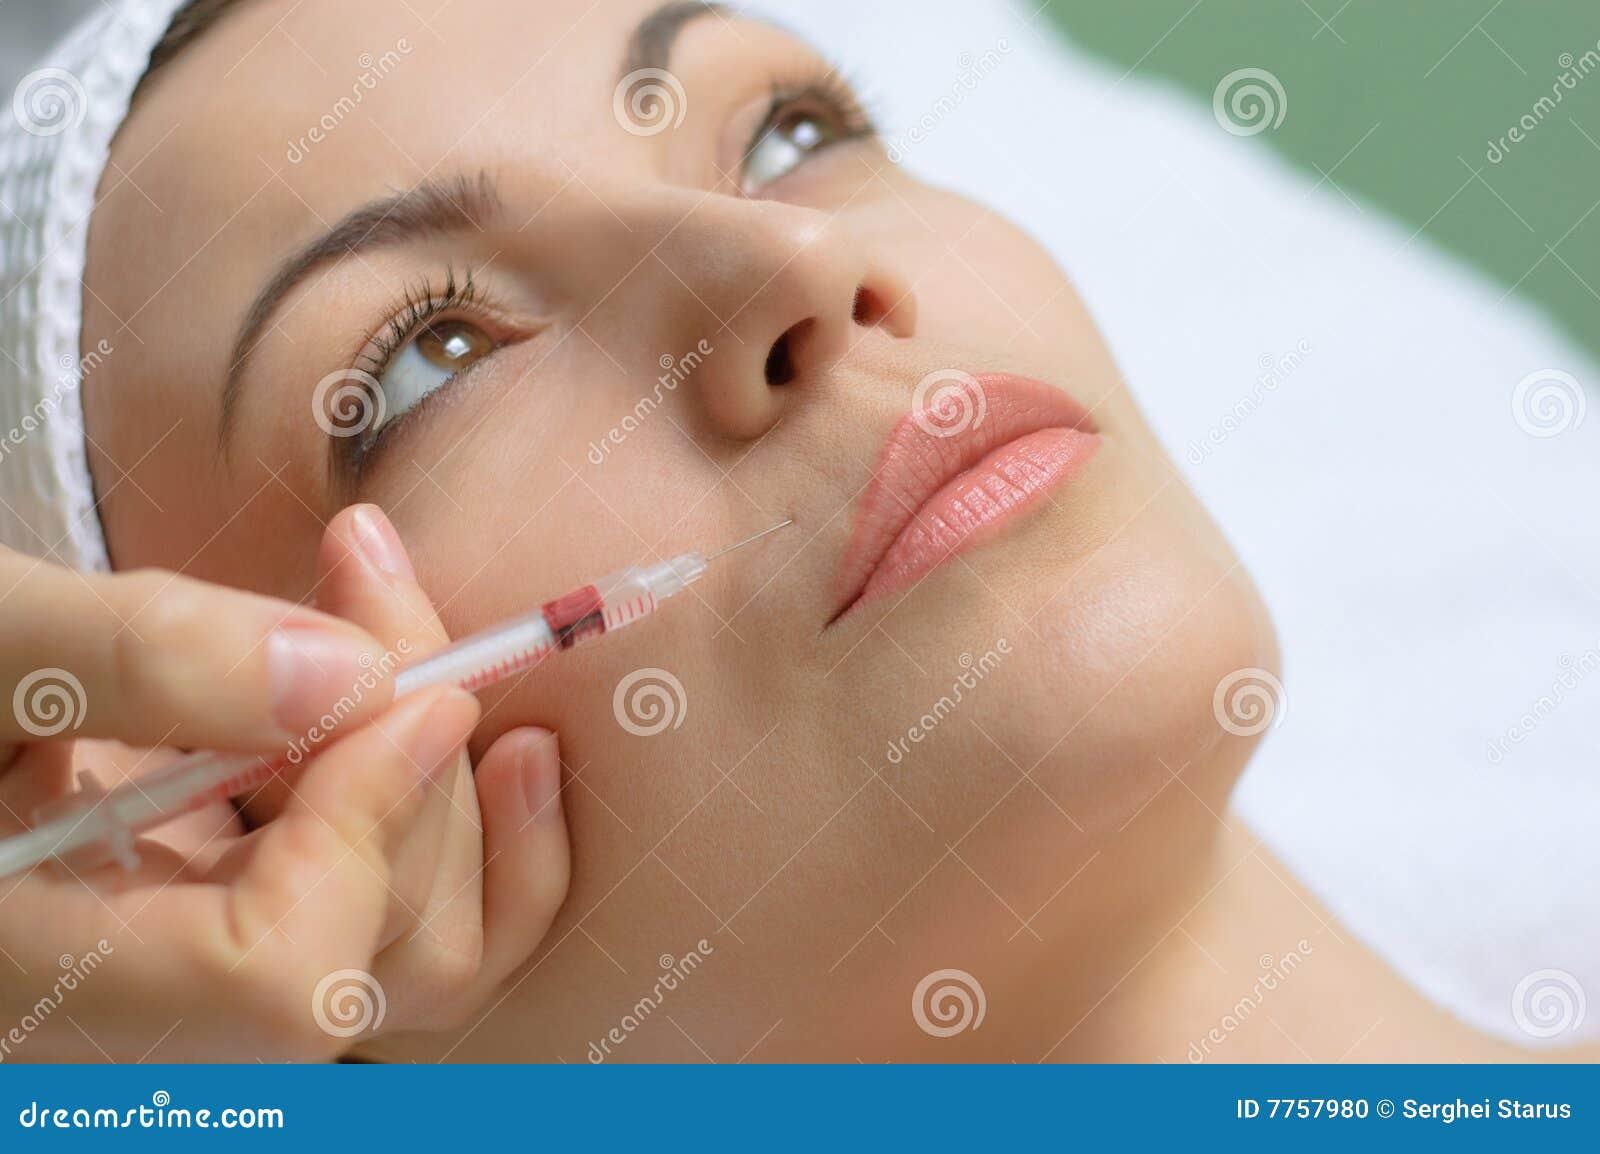 Demande de règlement de beauté, injection de botox